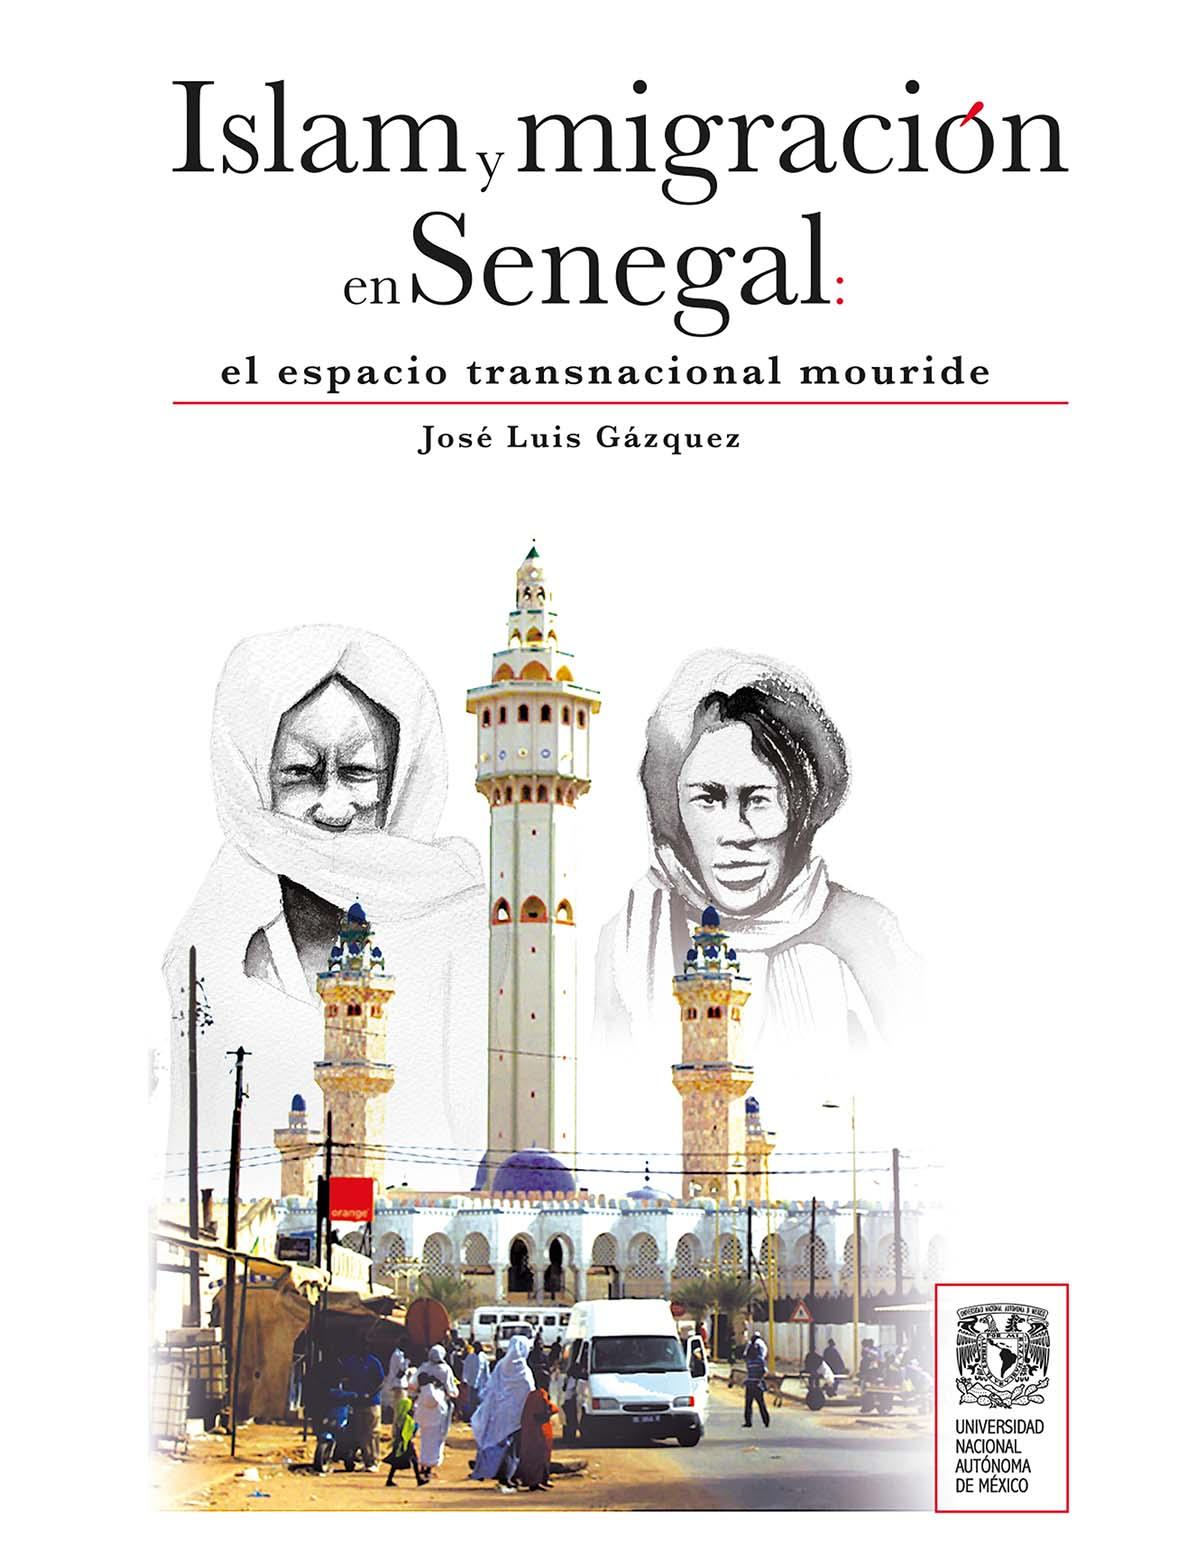 Islam y migración en Senegal: el espacio transnacional mouride